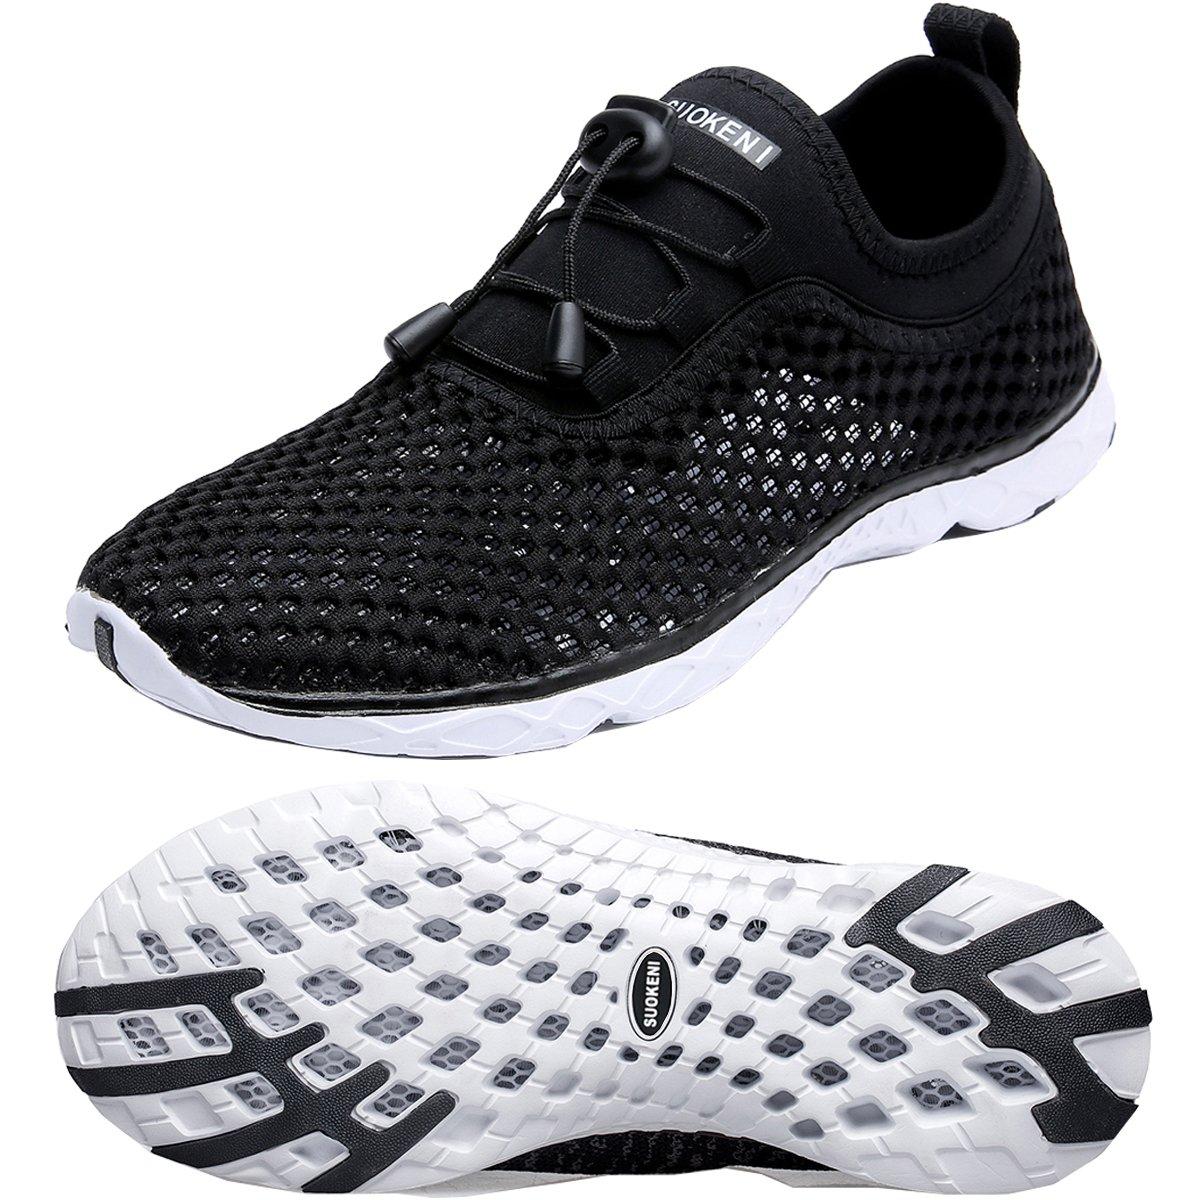 Zhuanglin Women's Quick Drying Aqua Water Shoes product image